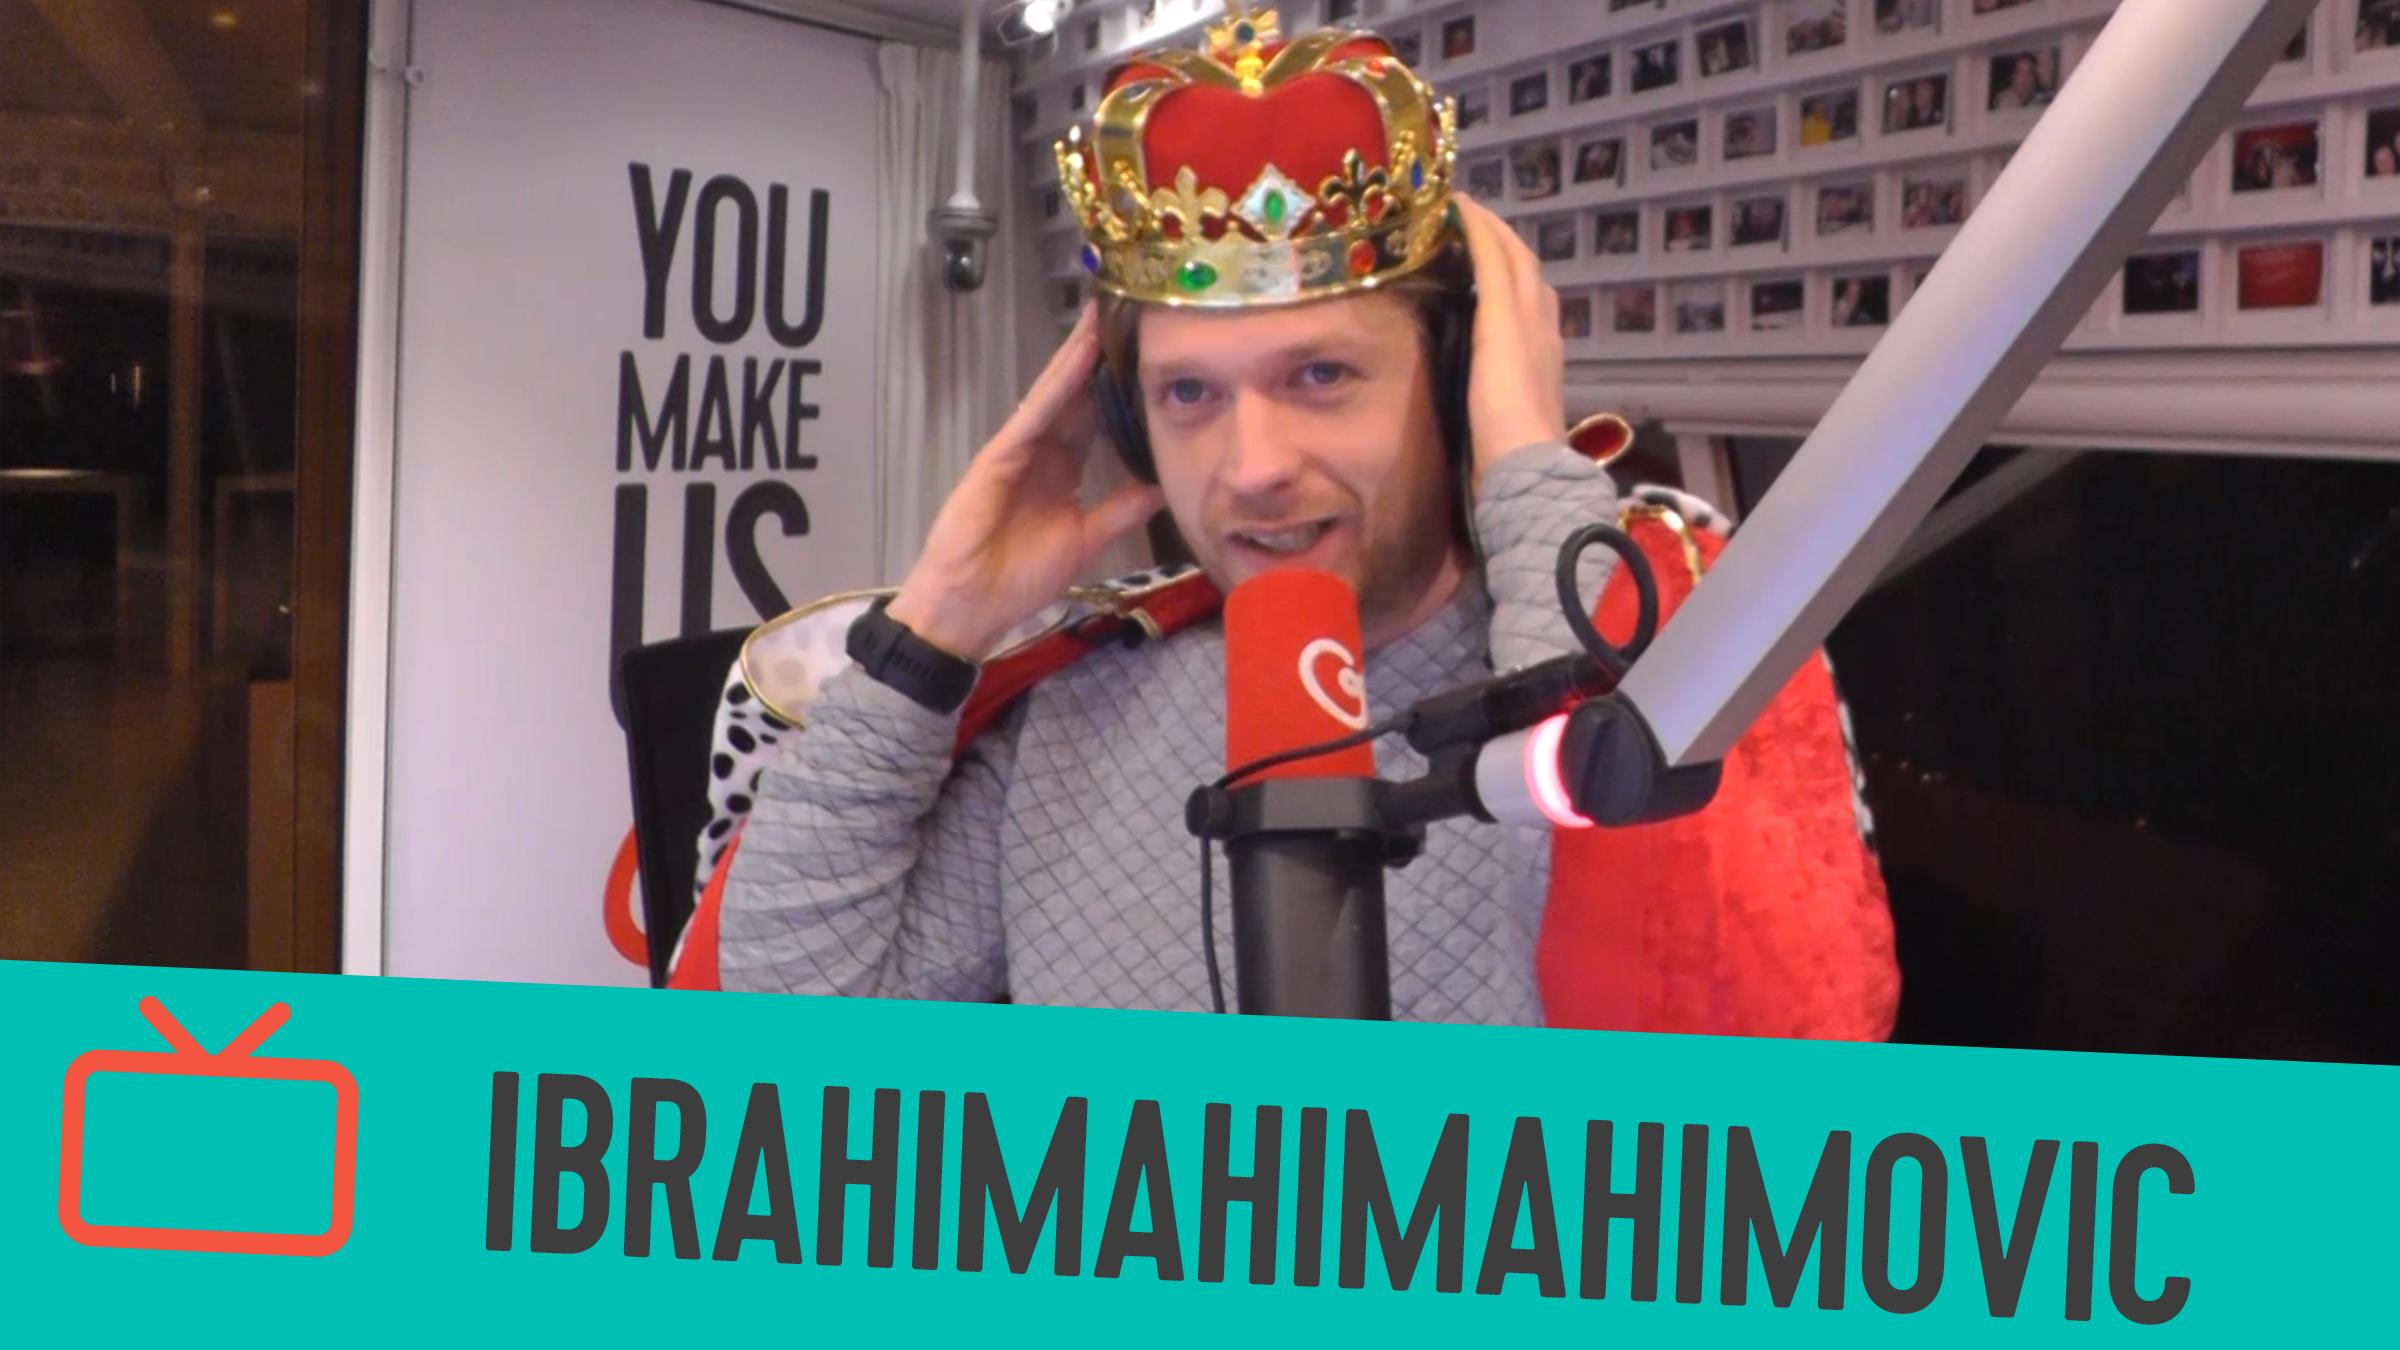 Ibrahimahimahimovic